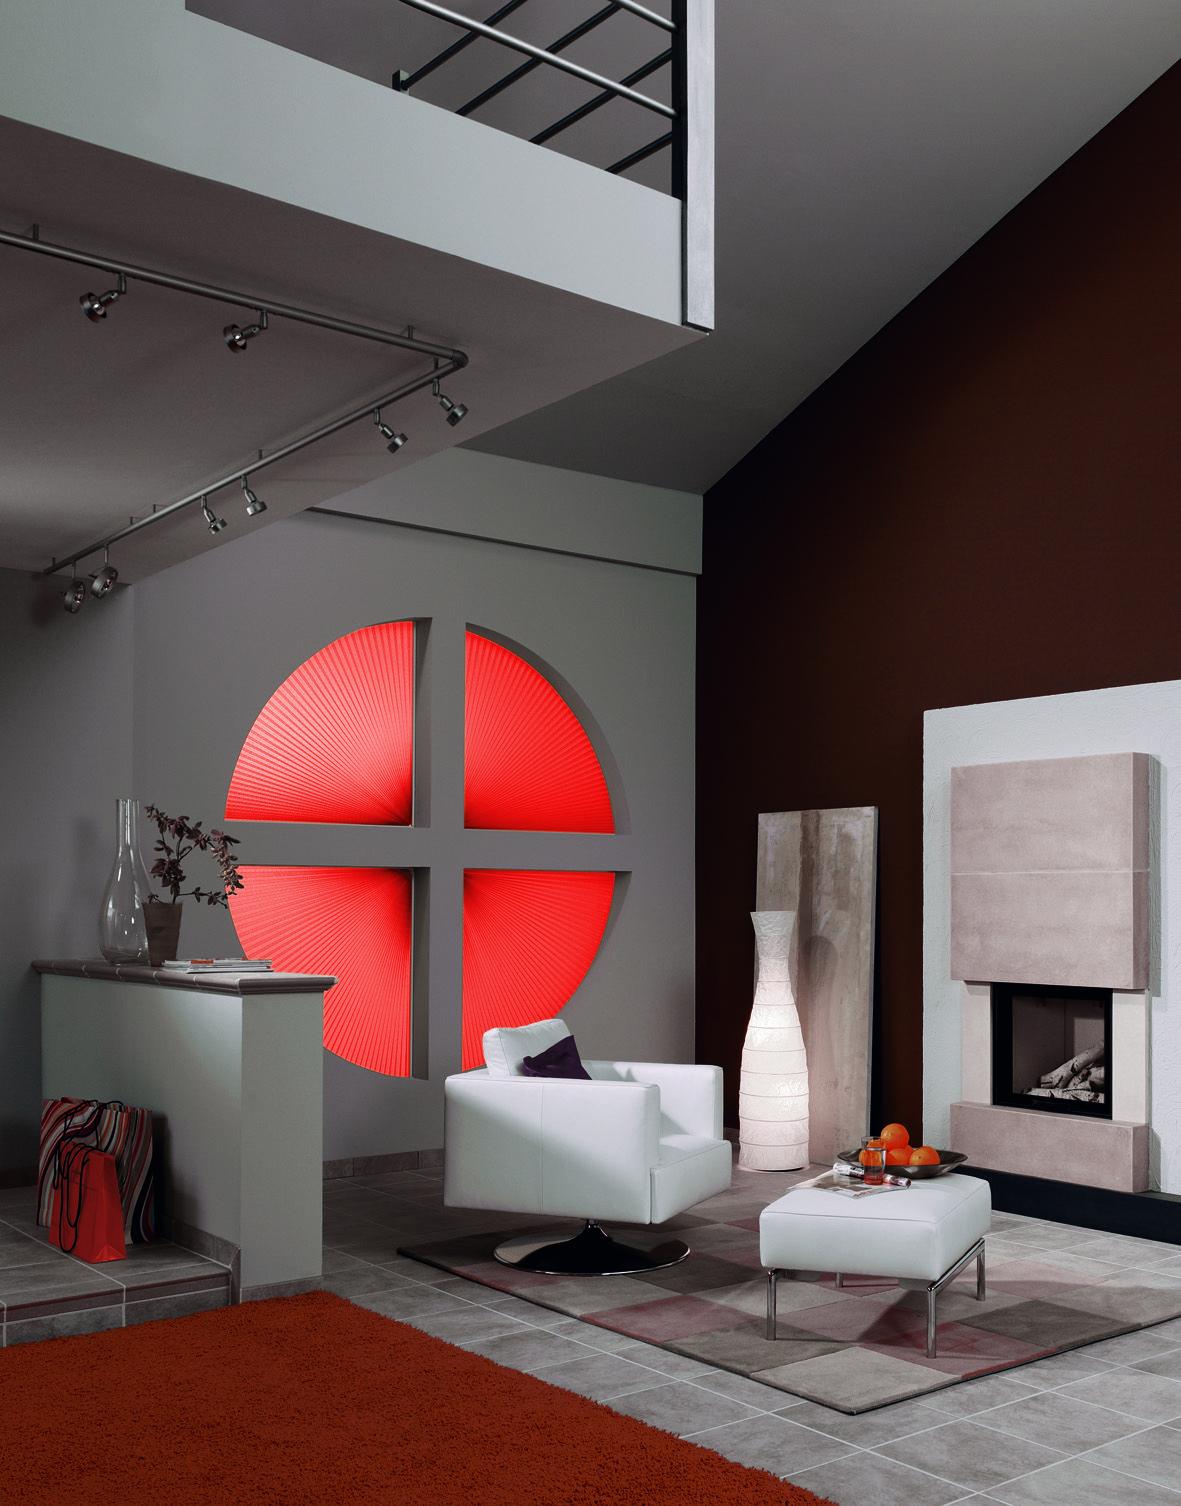 Jalousien Plissee Sonnenschutz Fenster Wohnzimmer Boden Designs Hat Ground Has